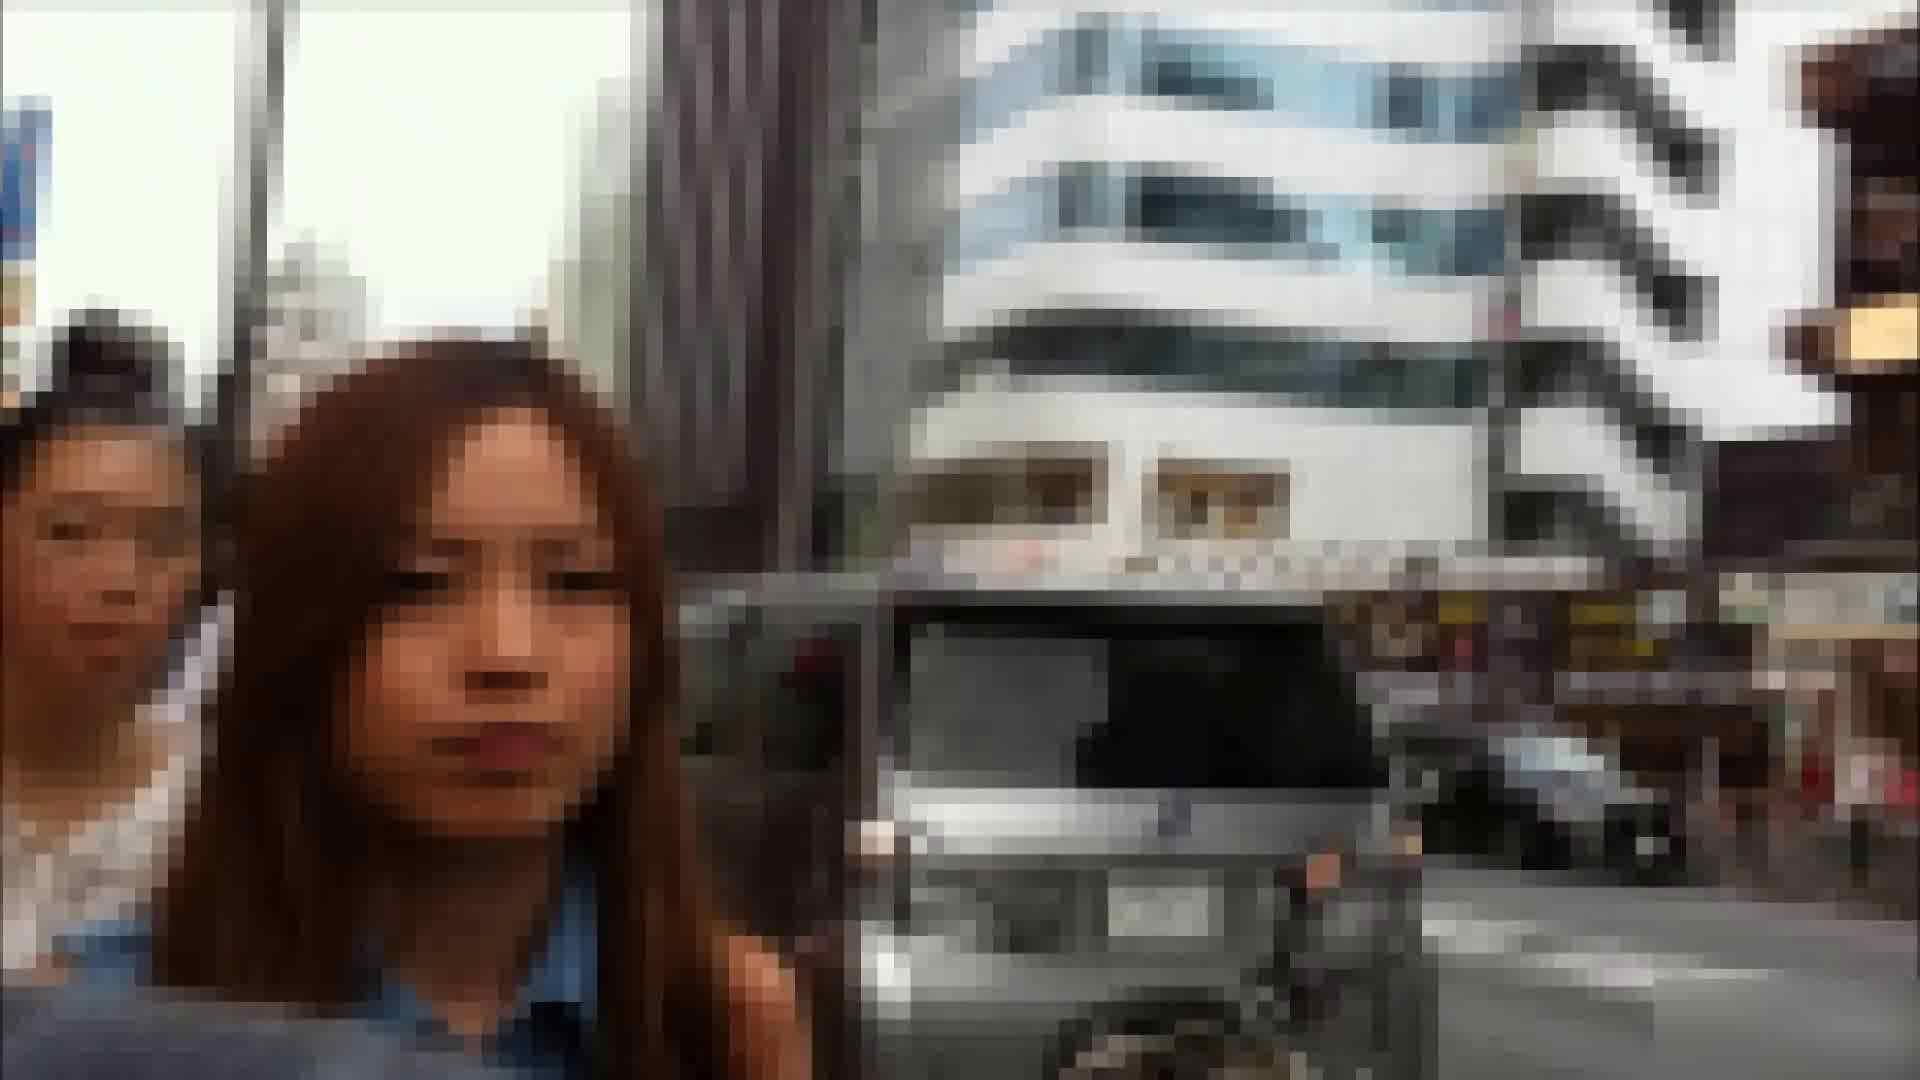 ガールズパンチラストリートビューVol.038 現役ギャル すけべAV動画紹介 77pic 31